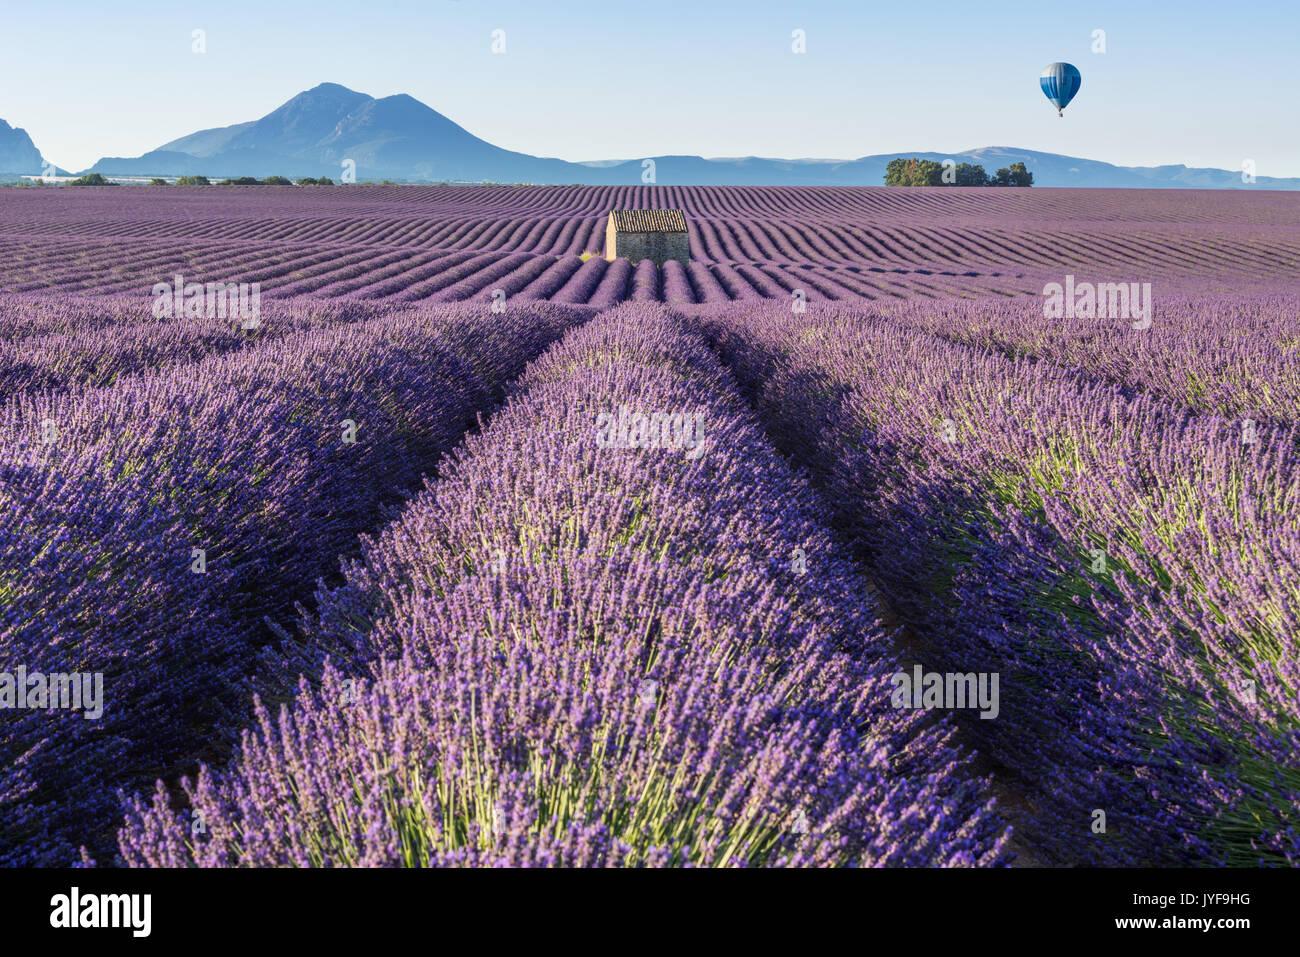 En globo de aire caliente a través de los campos de lavanda de Valensole. Provence, Francia Foto de stock